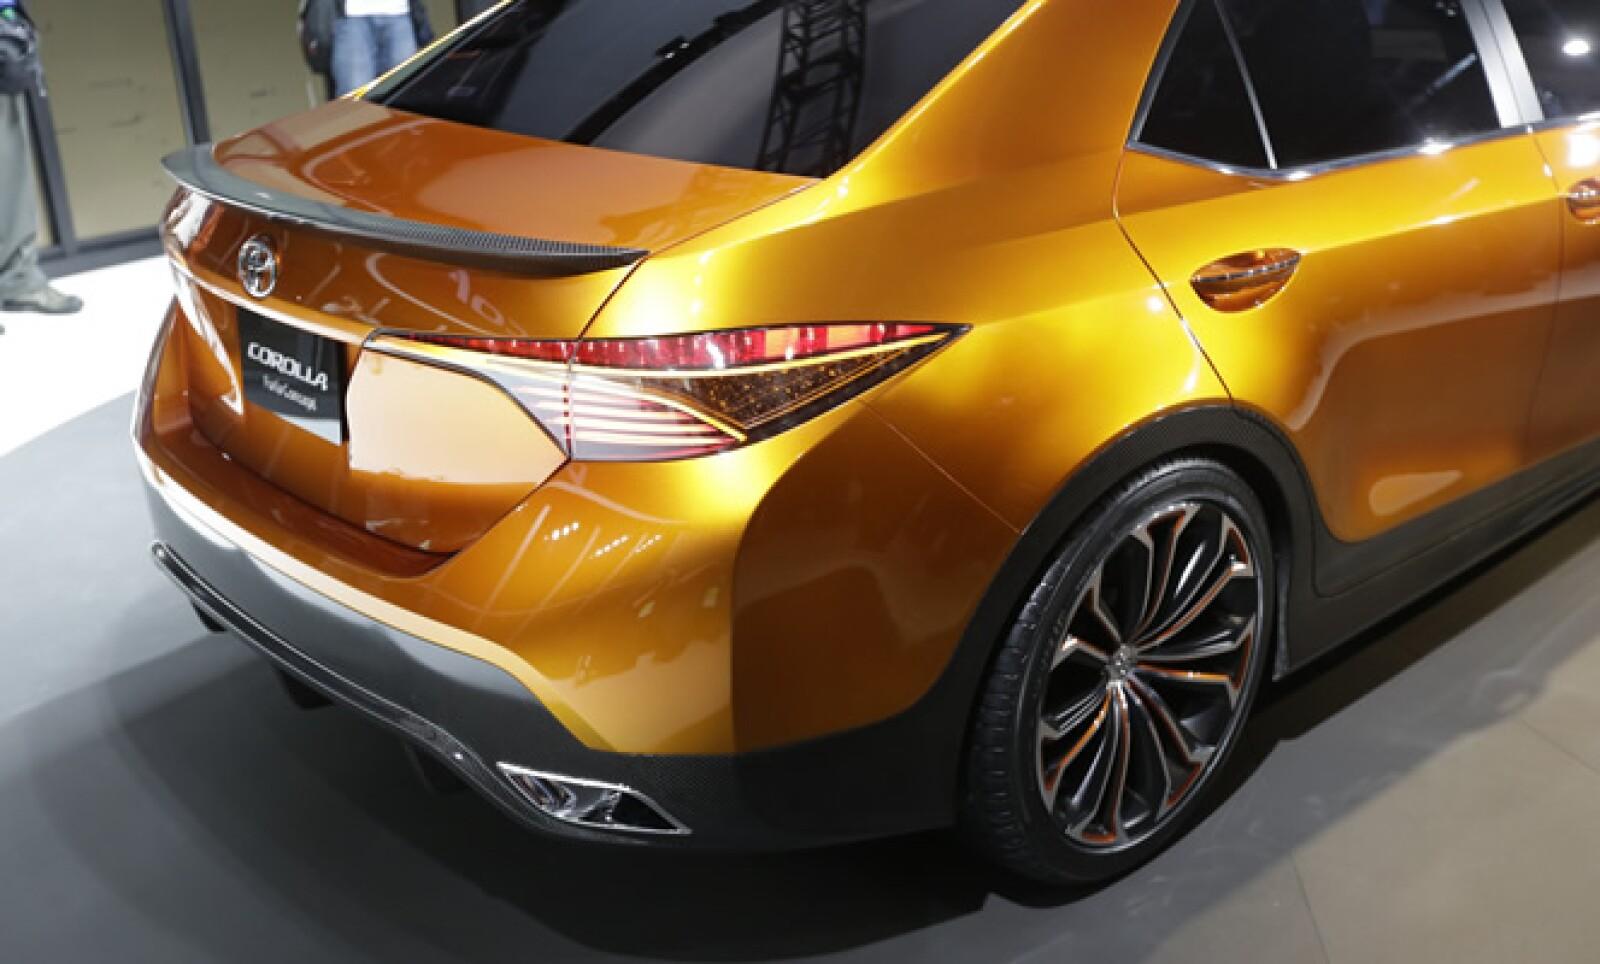 El Corolla apareció por primera vez en 1966 en Japón. Hoy se produce en 16 fábricas y se vende en 154 países.